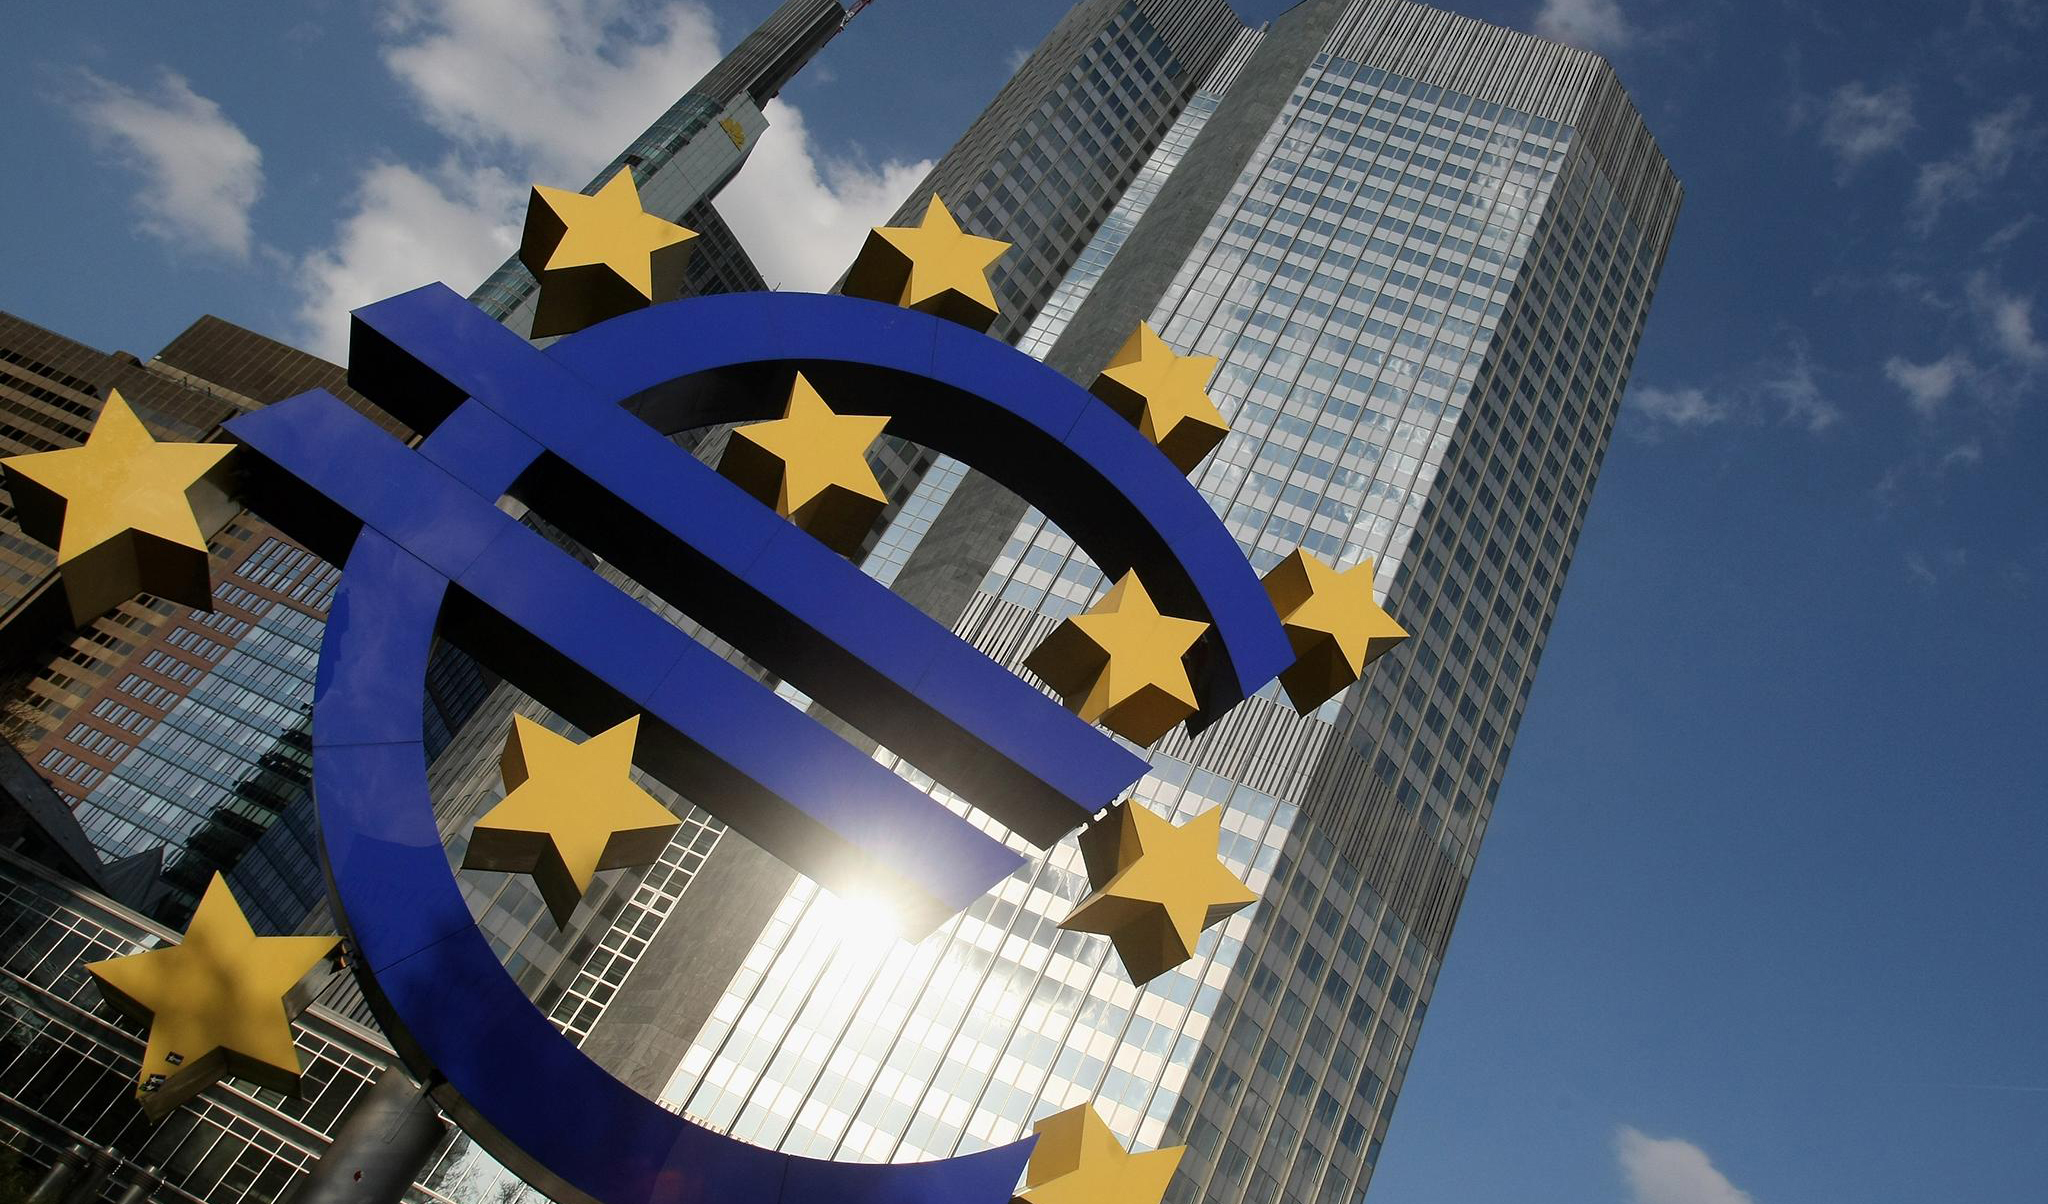 کاهش پیشبینی رشد اقتصادی اروپا تا سال 2021/ بیثباتی در پیش است